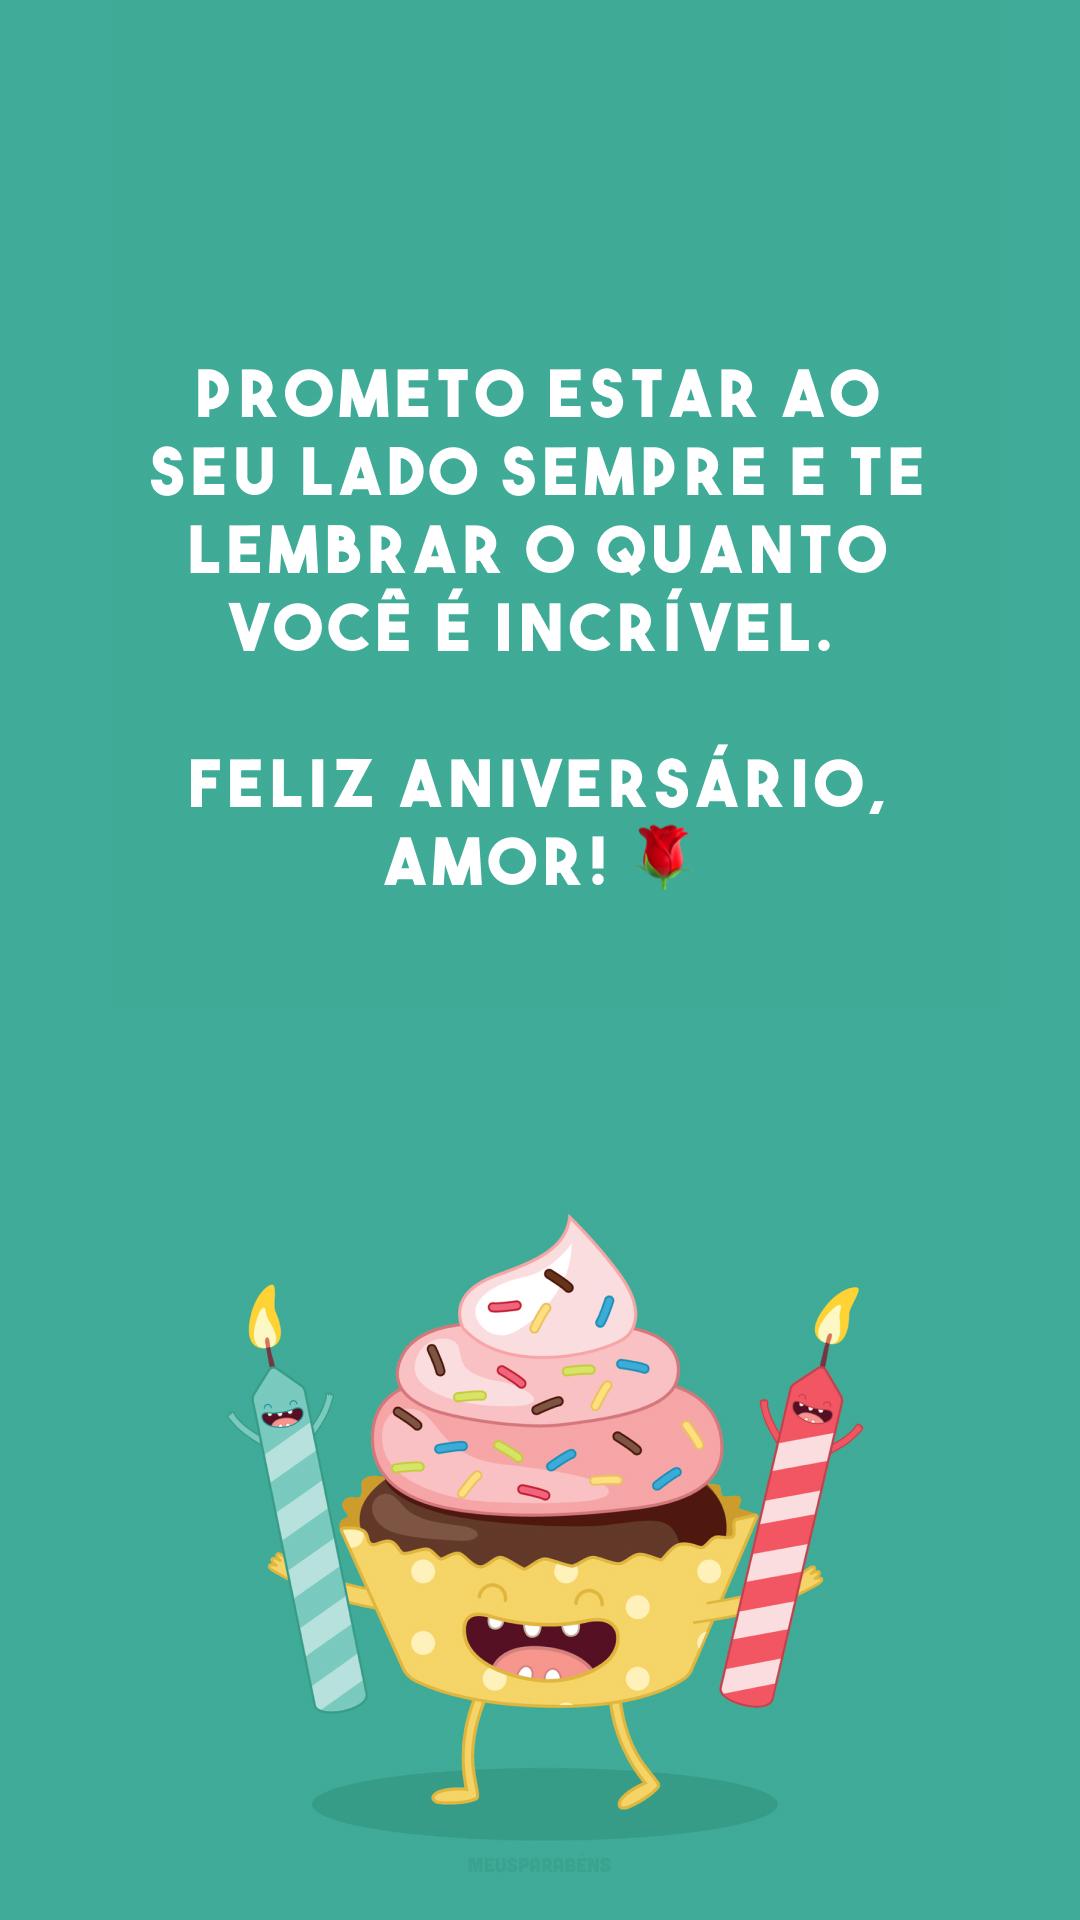 Prometo estar ao seu lado sempre e te lembrar o quanto você é incrível. Feliz aniversário, amor! 🌹